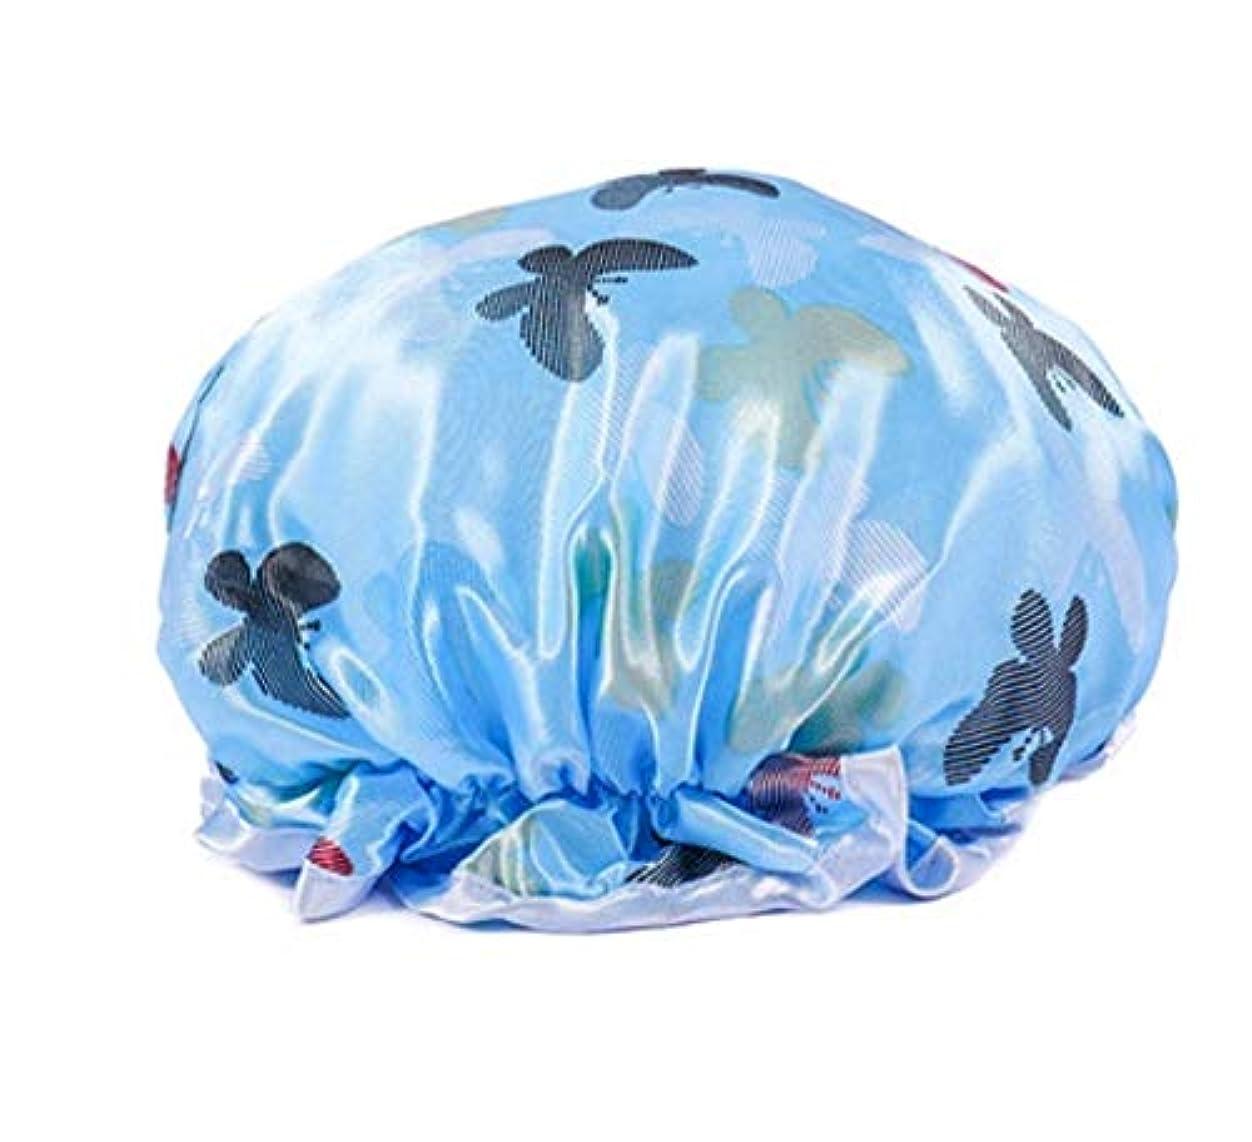 ホバート公平な出発シャワーキャップ 可愛い ヘアキャップ フリーサイズ 防水帽 入浴チャップ 浴用帽子 サロンの髪を保護する帽子 お風呂 旅行セット 繰り返す使用可能 化粧帽 油煙を防ぐ ヘアーターバン (ブルー)